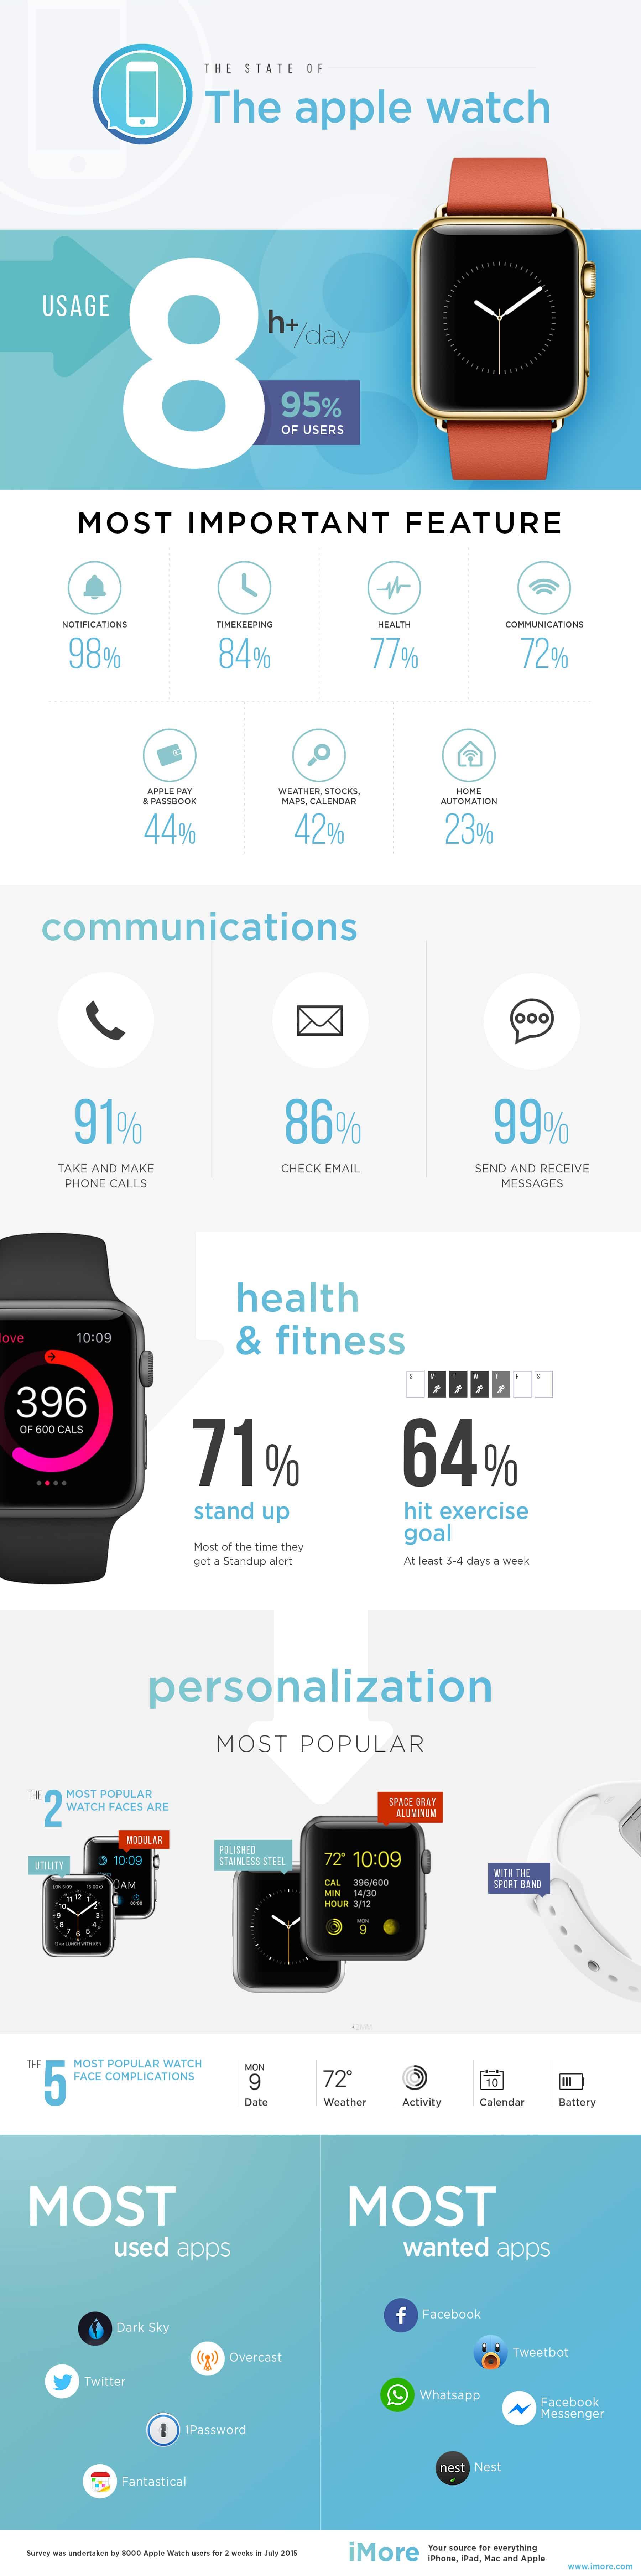 apple-watch-survey-2015-q2-final-xl